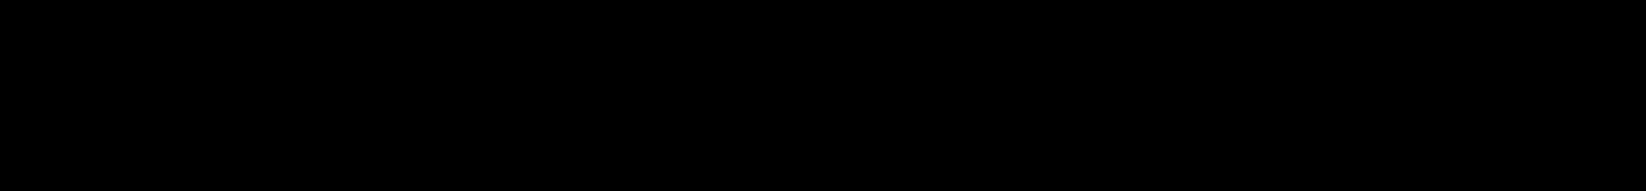 Korataki Bold Italic